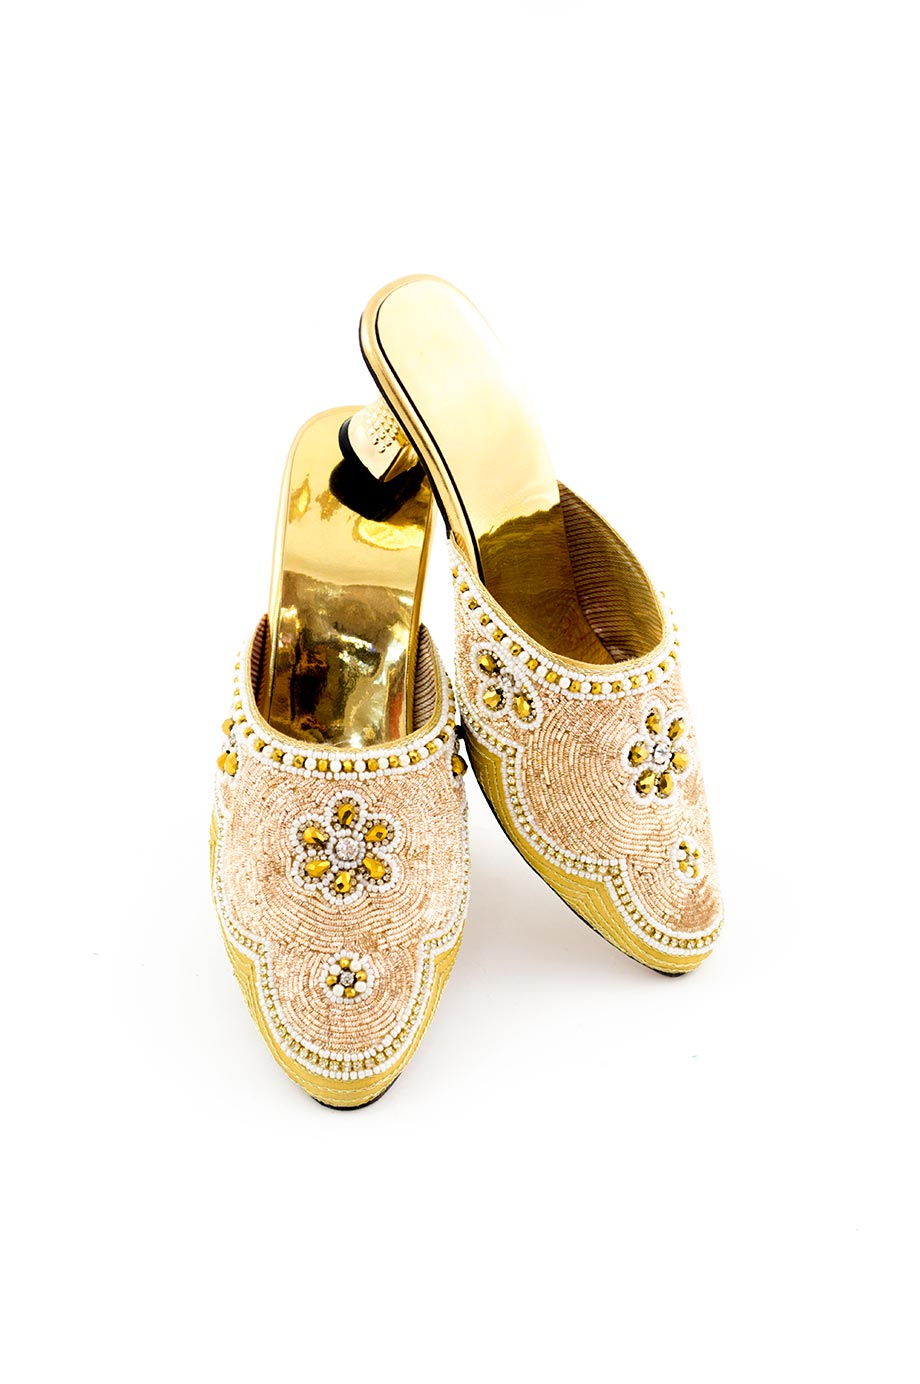 Escarpins de princesse indienne